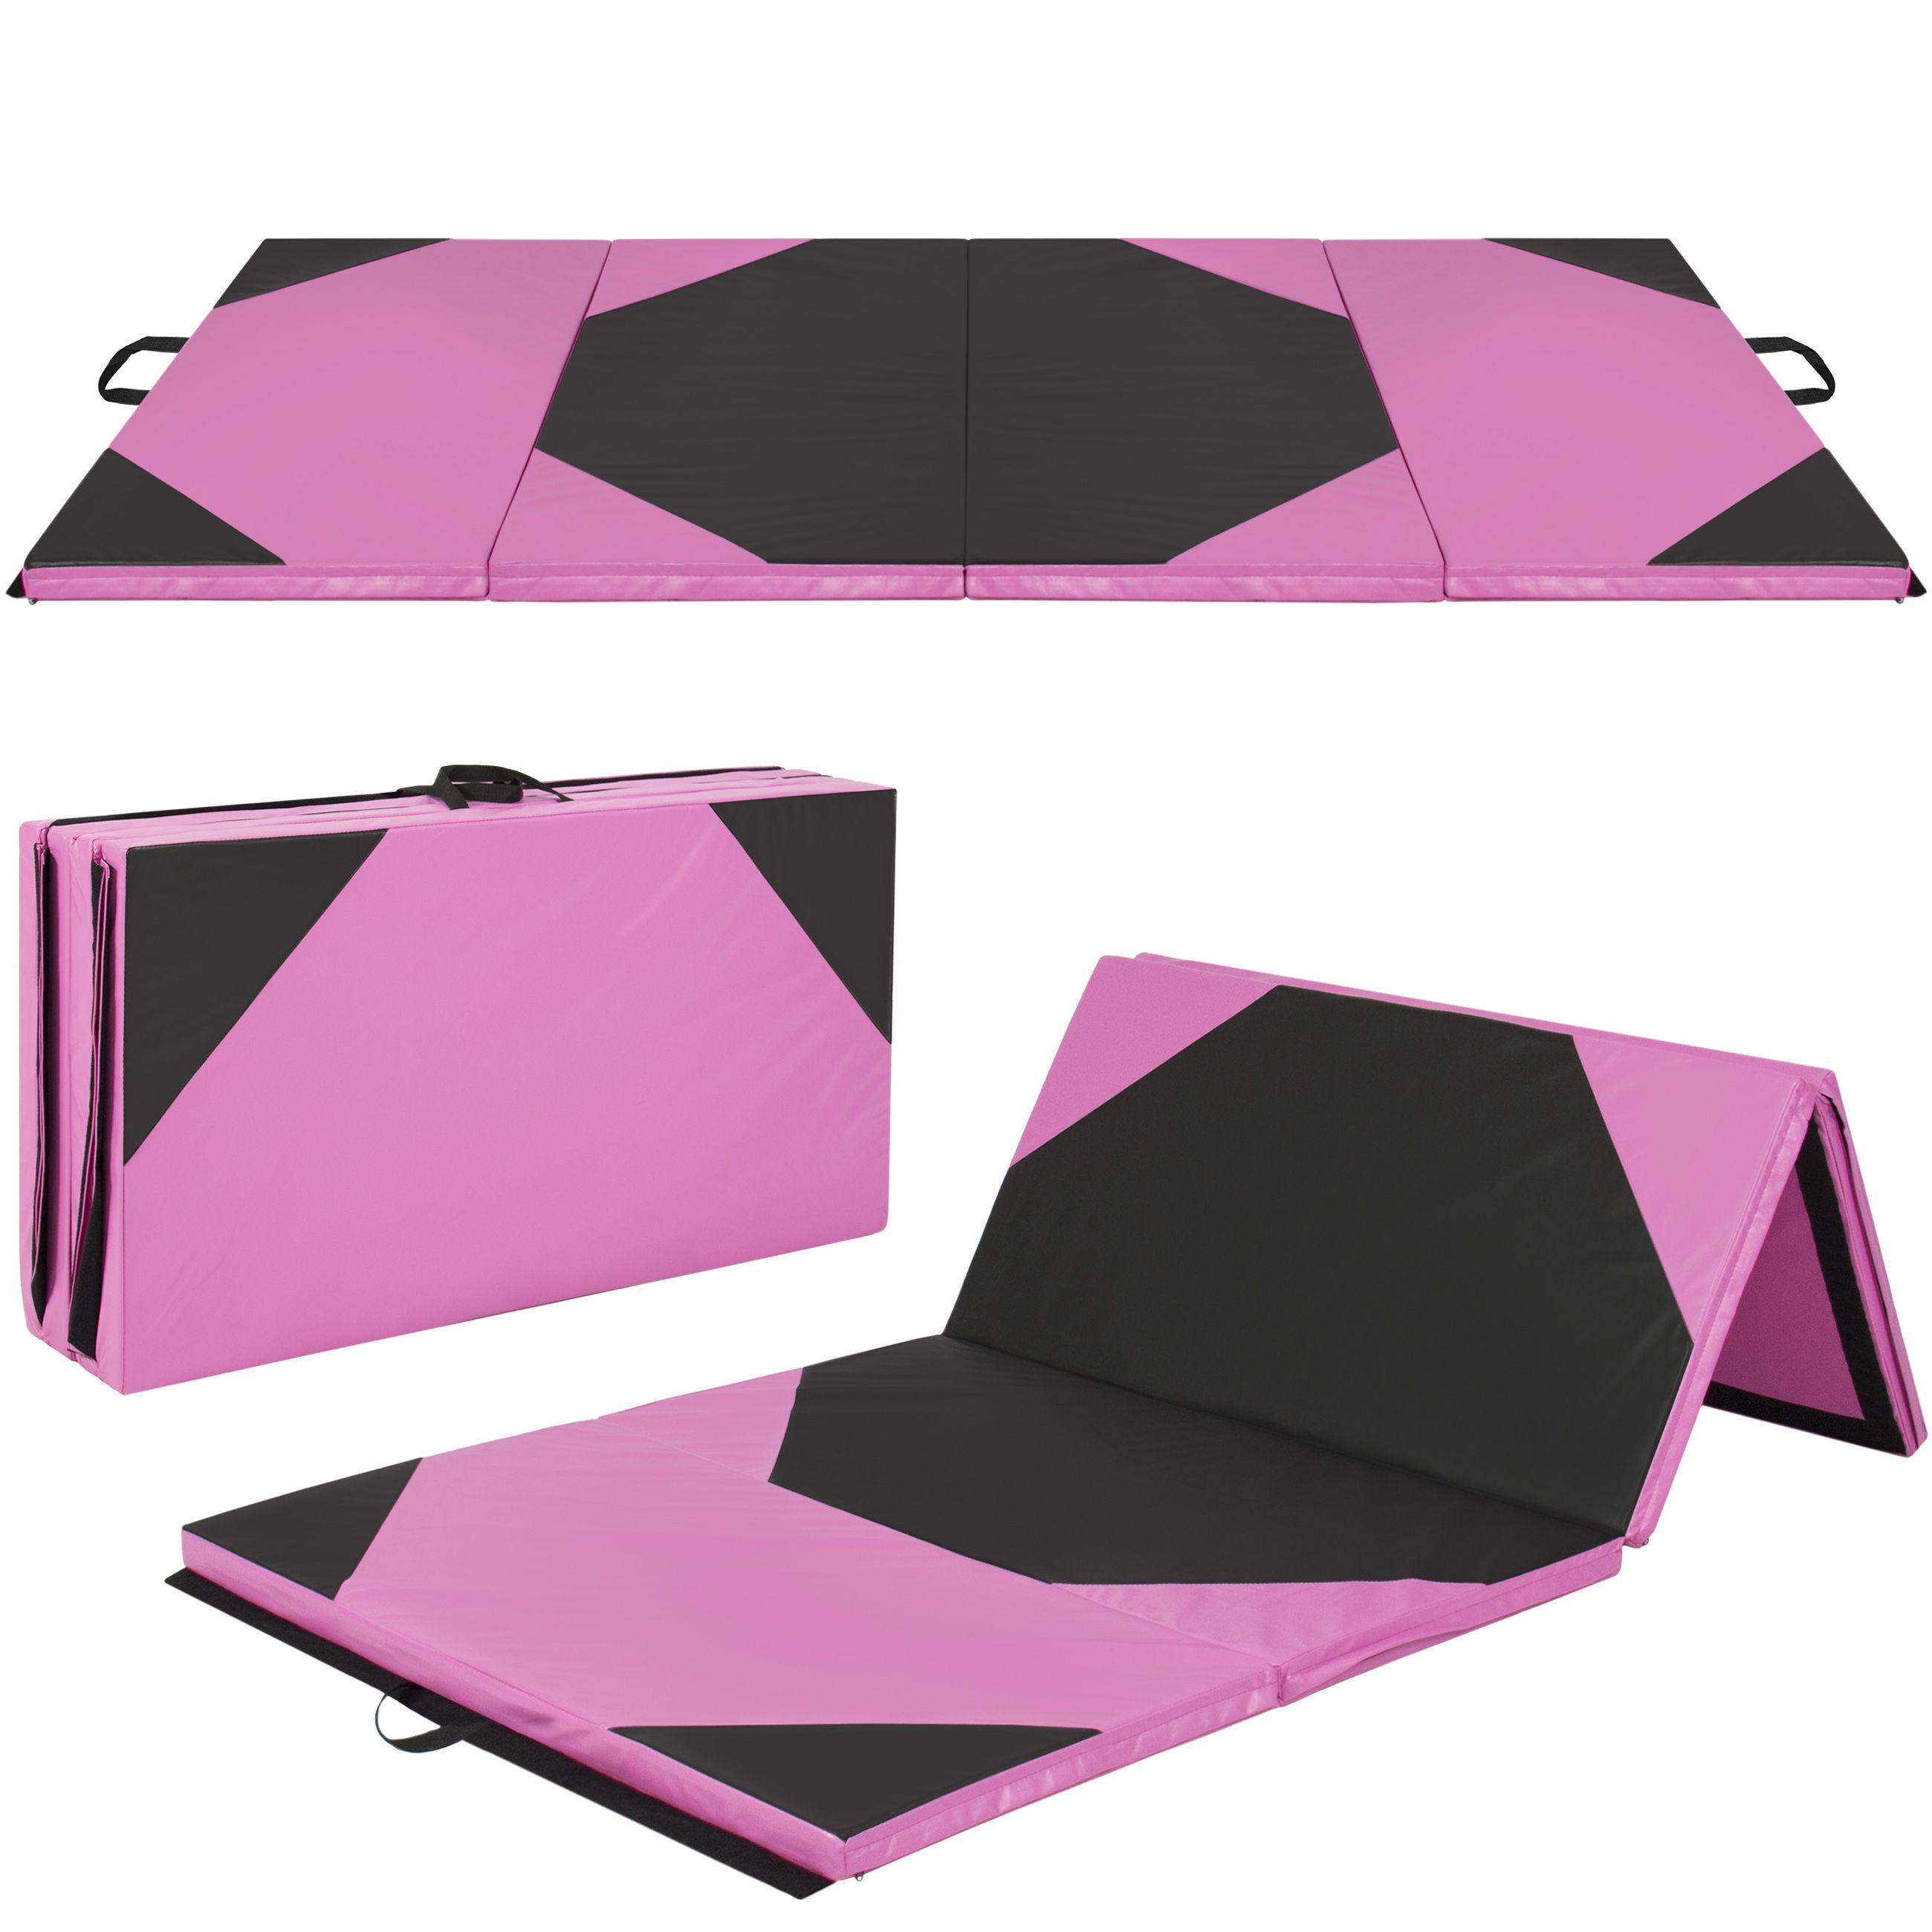 4 X10 X2 Gymnastics Gym Folding Exercise Aerobics Mats